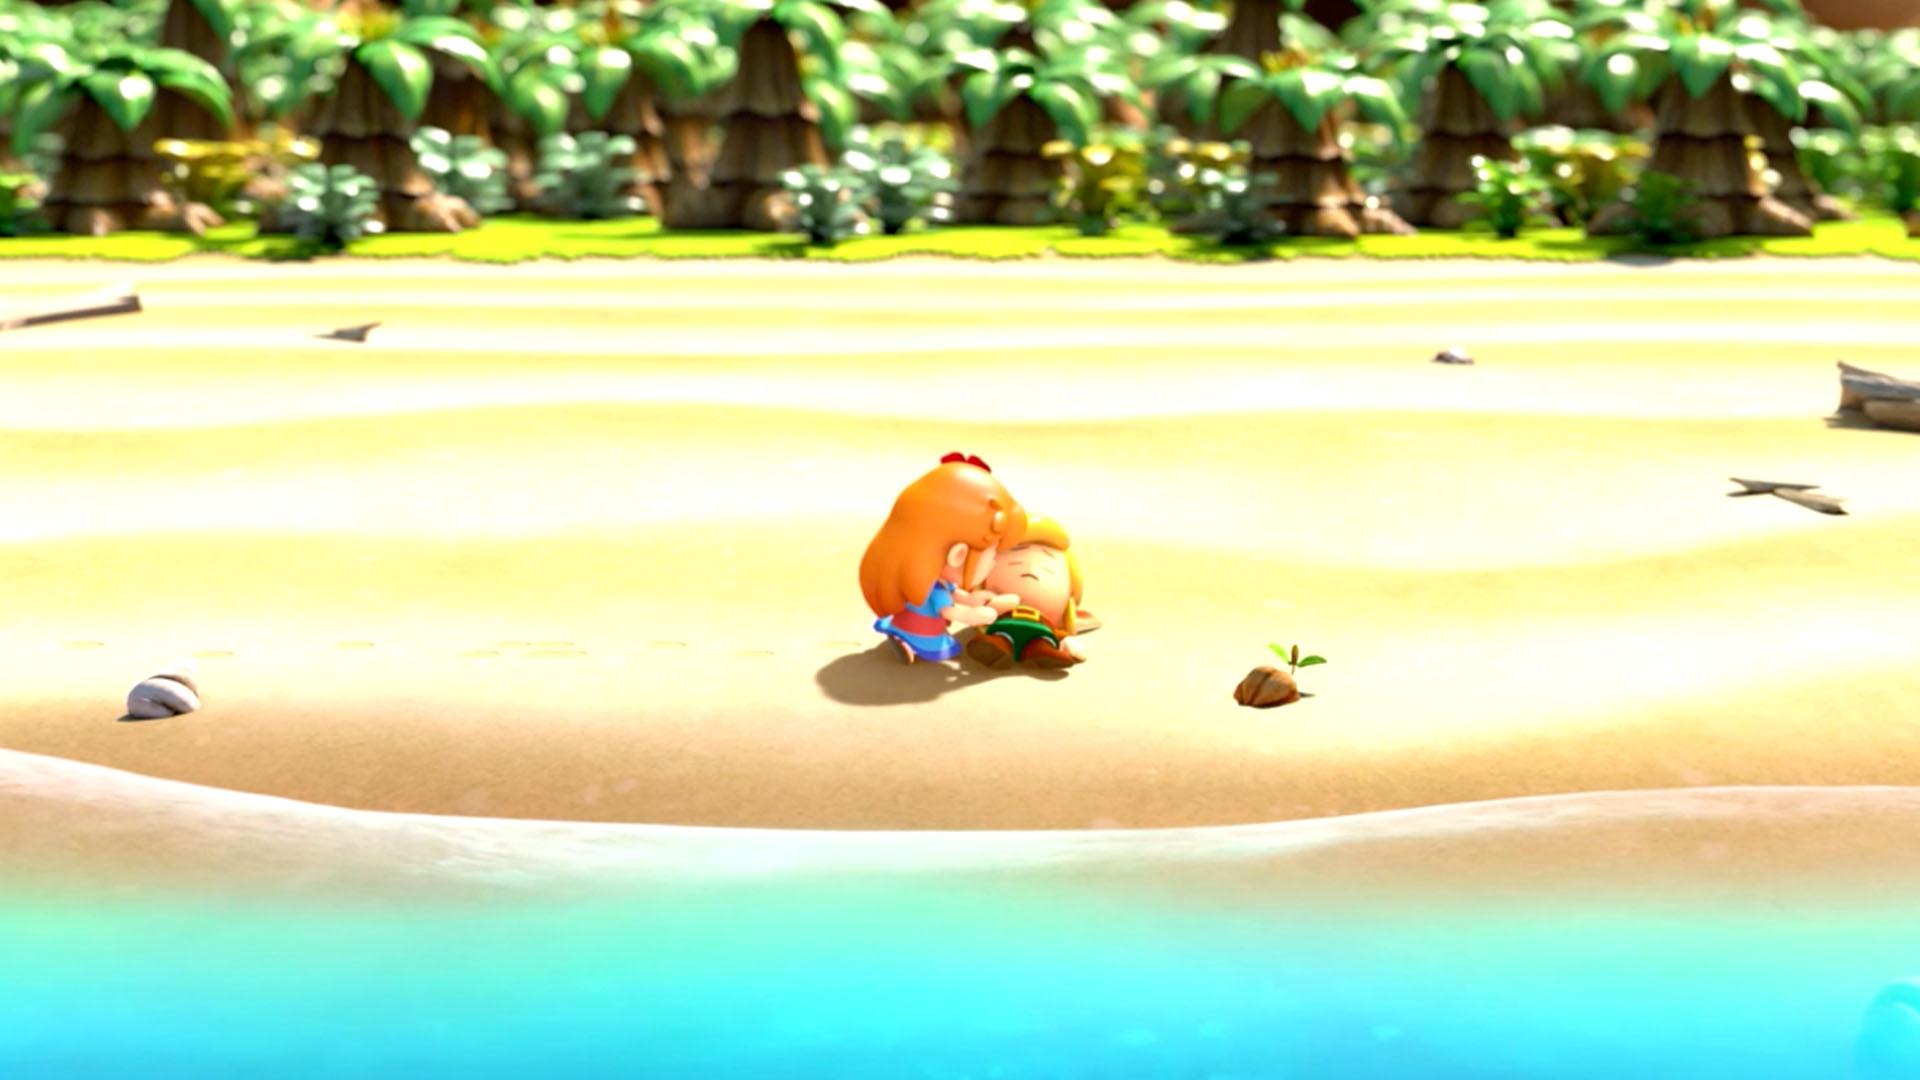 Amazon Com Watch Clip The Legend Of Zelda Link S Awakening